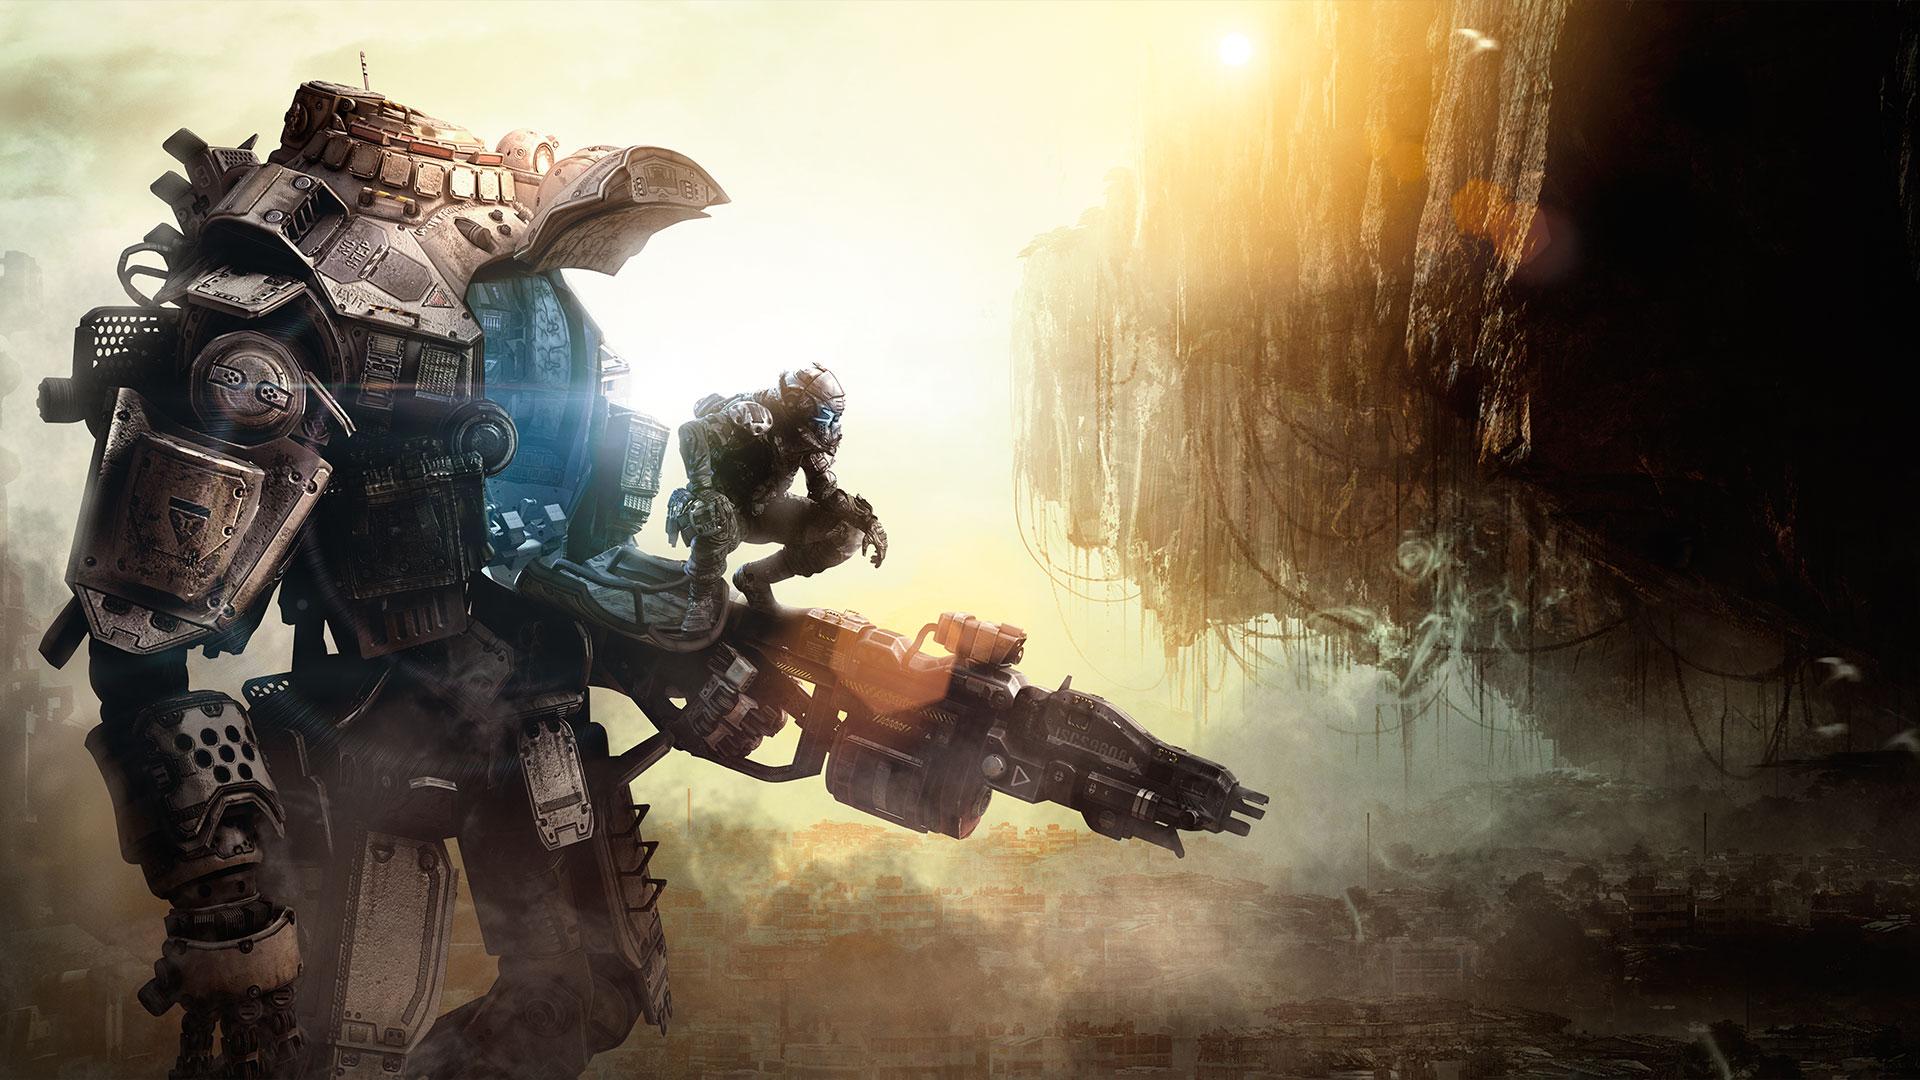 В Южной Корее выйдет бесплатная версия игры Titanfall